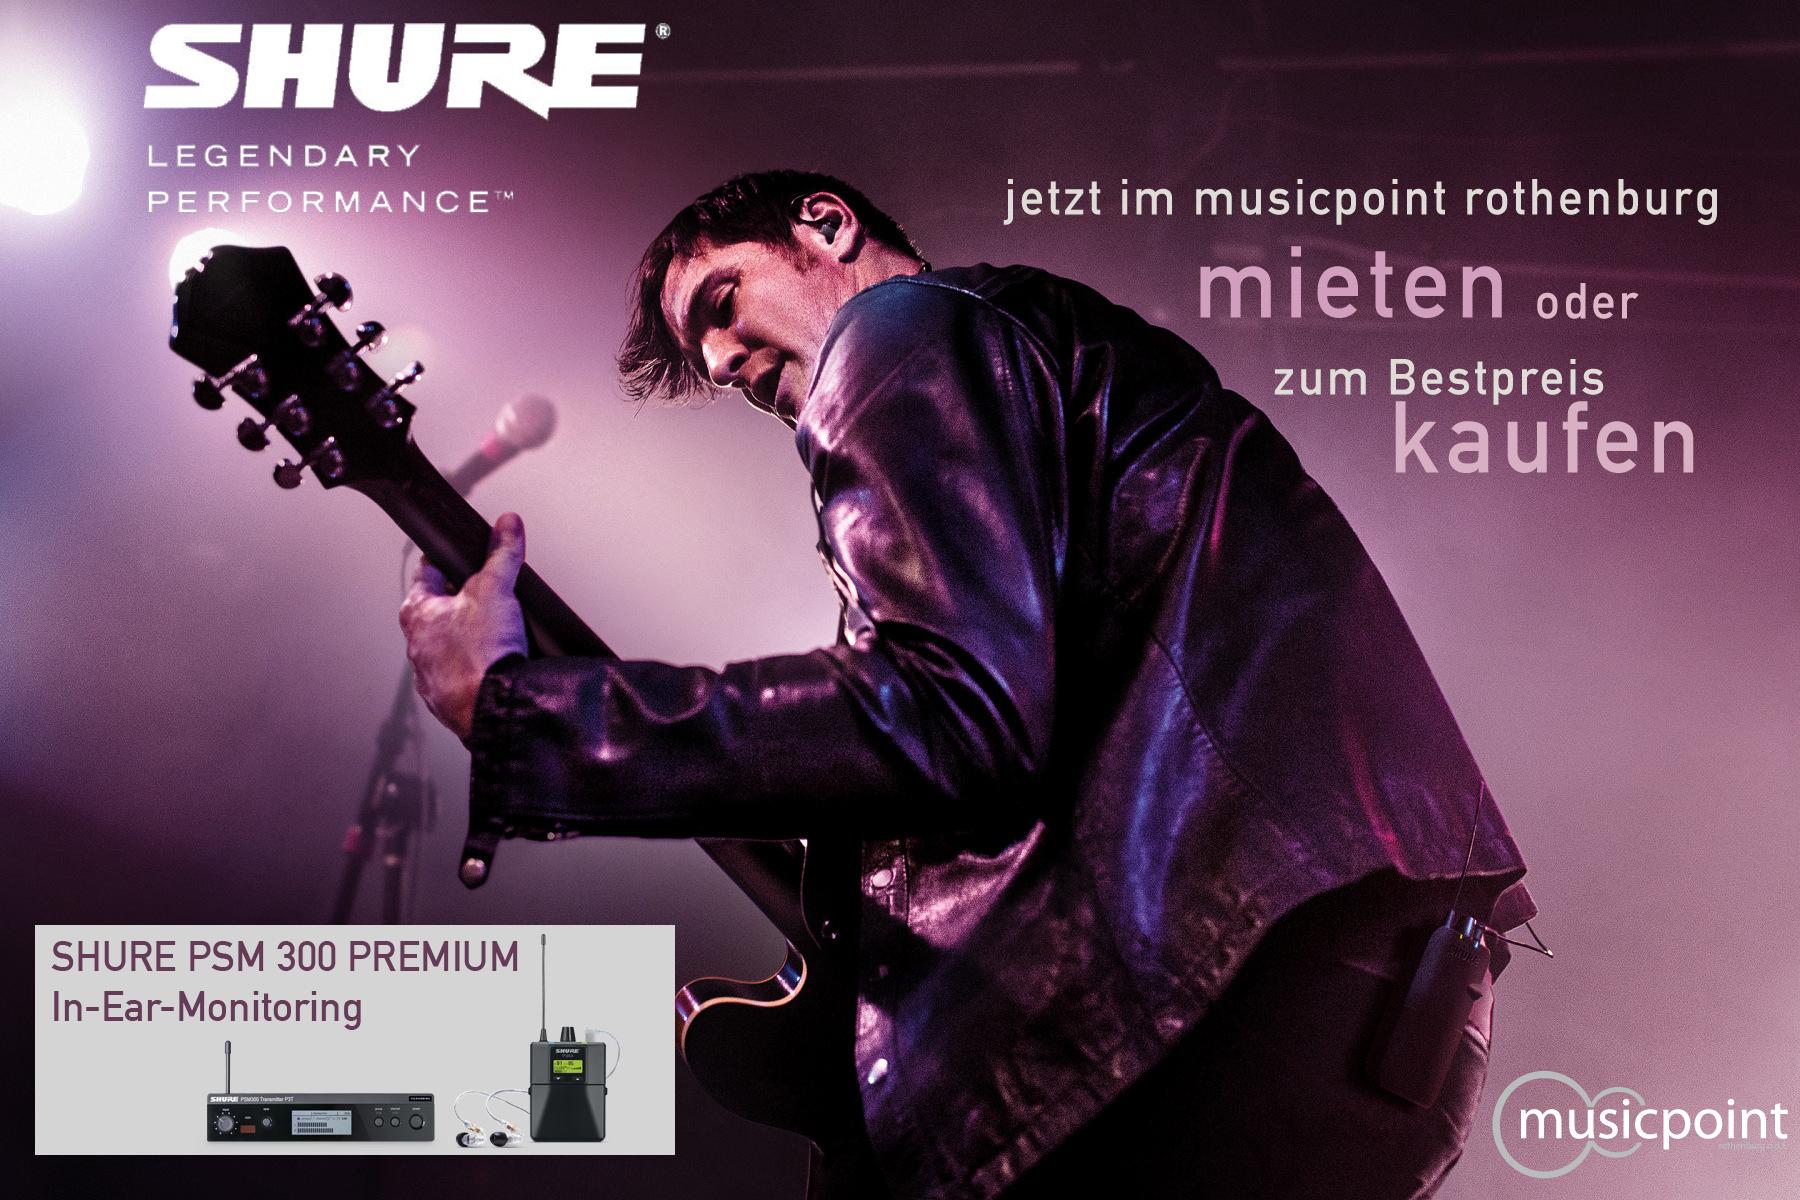 shure psm 300 musicpoint mieten kaufen SHURE PSM 300 Premium In Ear Monitoring im musicpoint erhältlich!